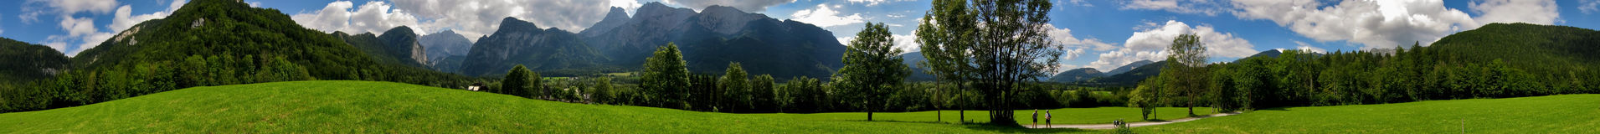 Panorama do biketrip dos alpes Fotos de Stock Royalty Free